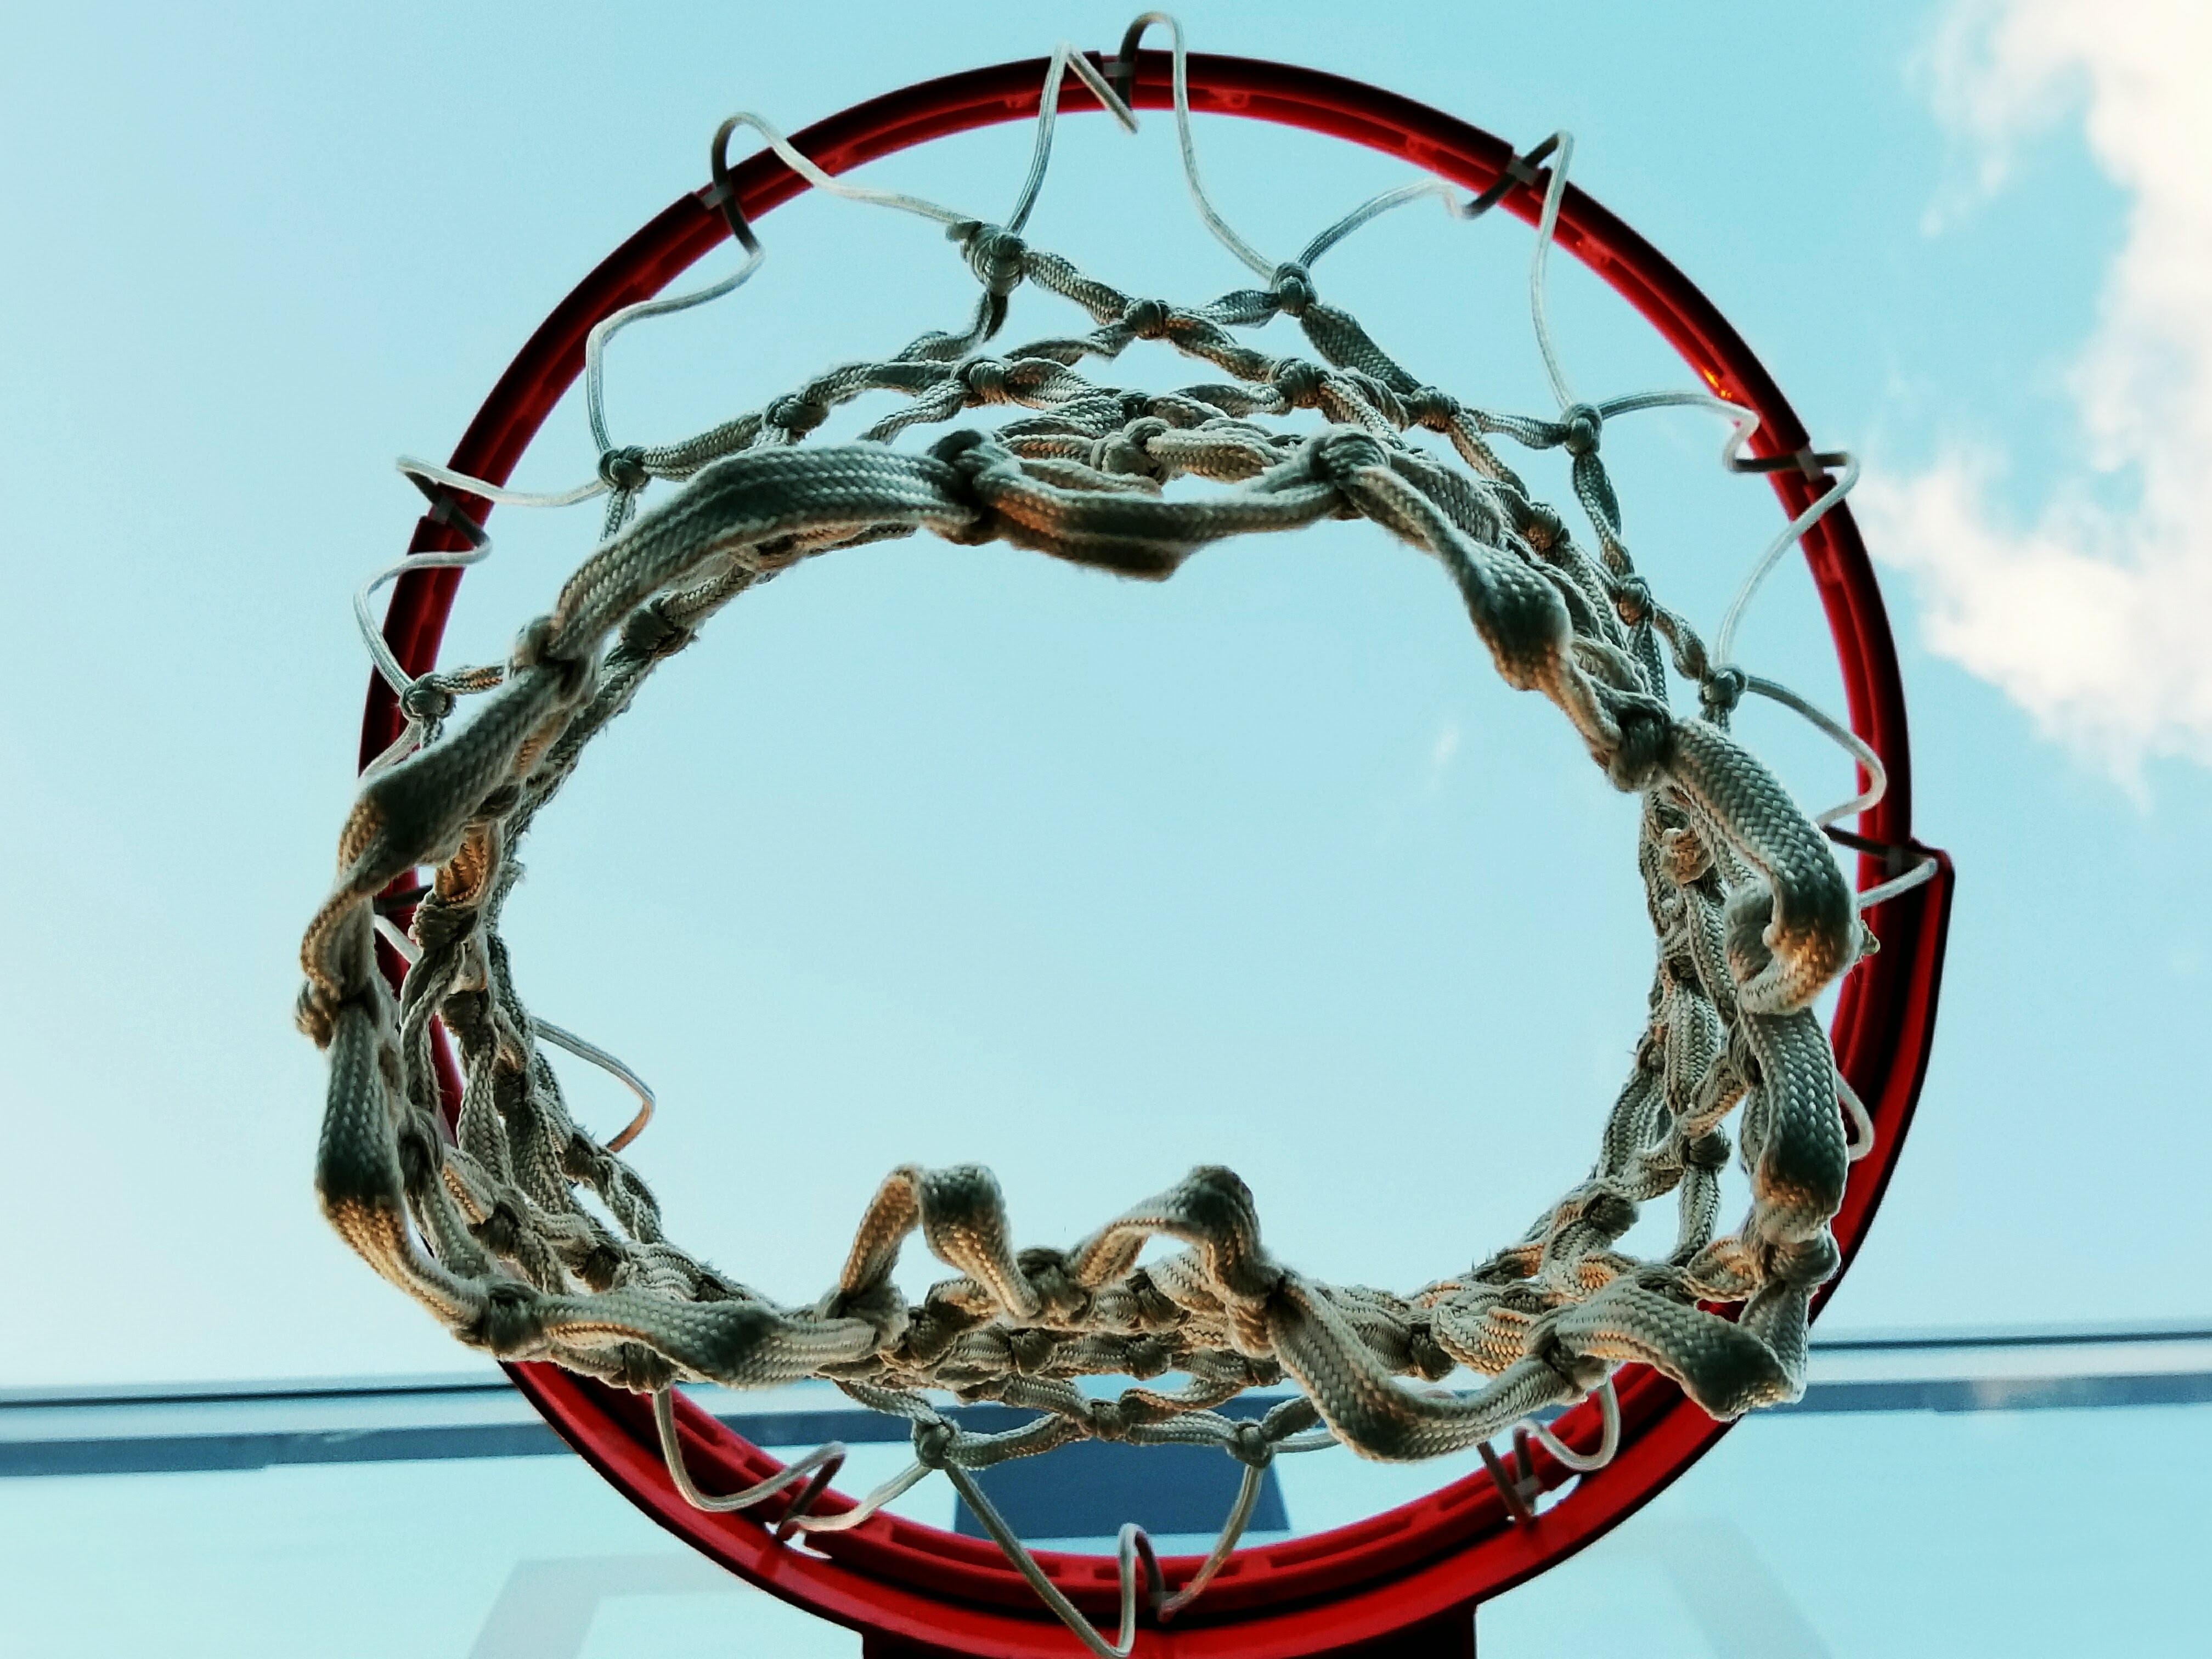 black, red, and brown basketball hoop